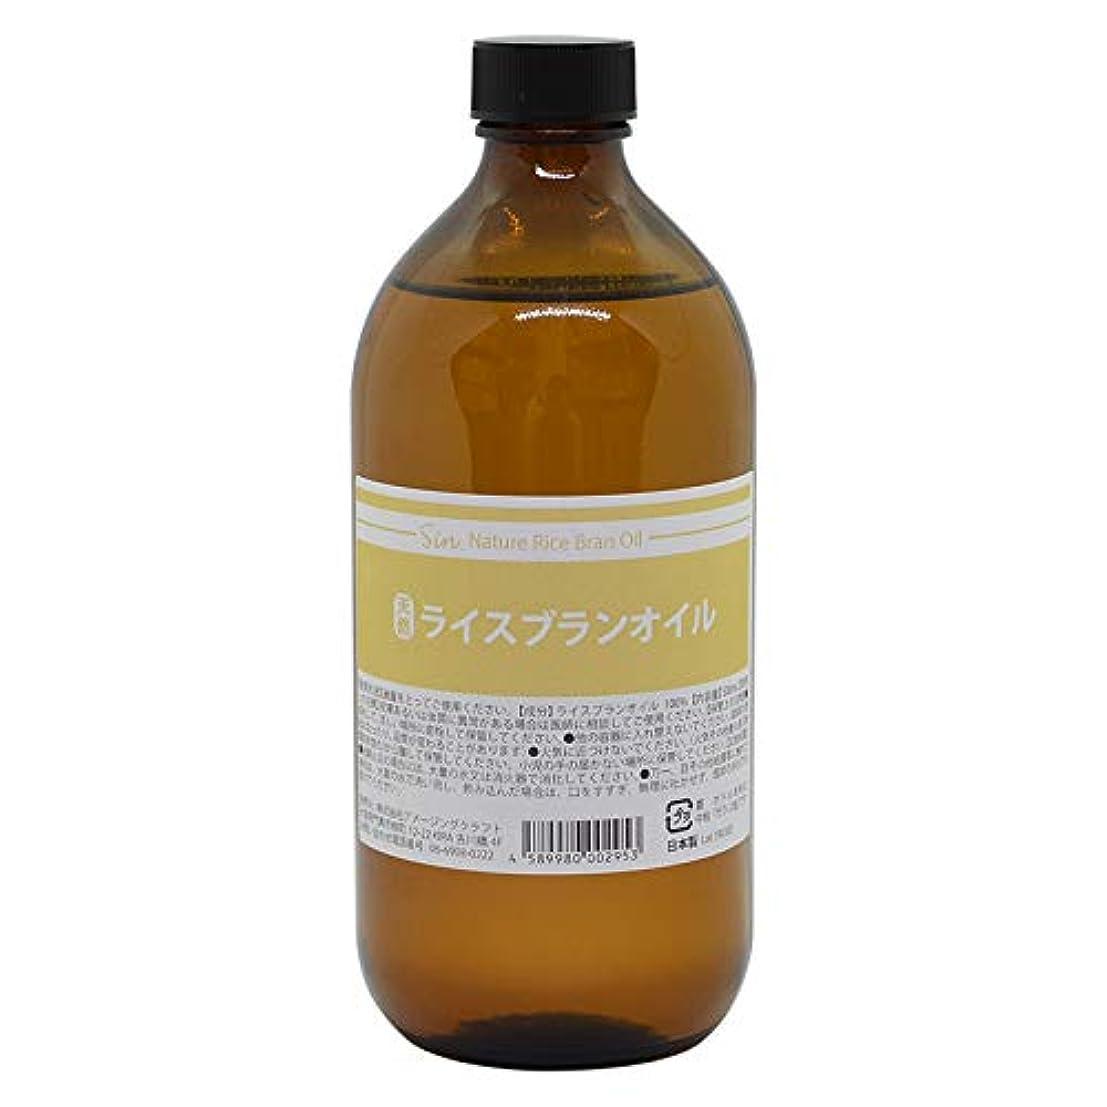 背景通行料金発症天然無添加 国内精製 ライスブランオイル 500ml ライスオイル